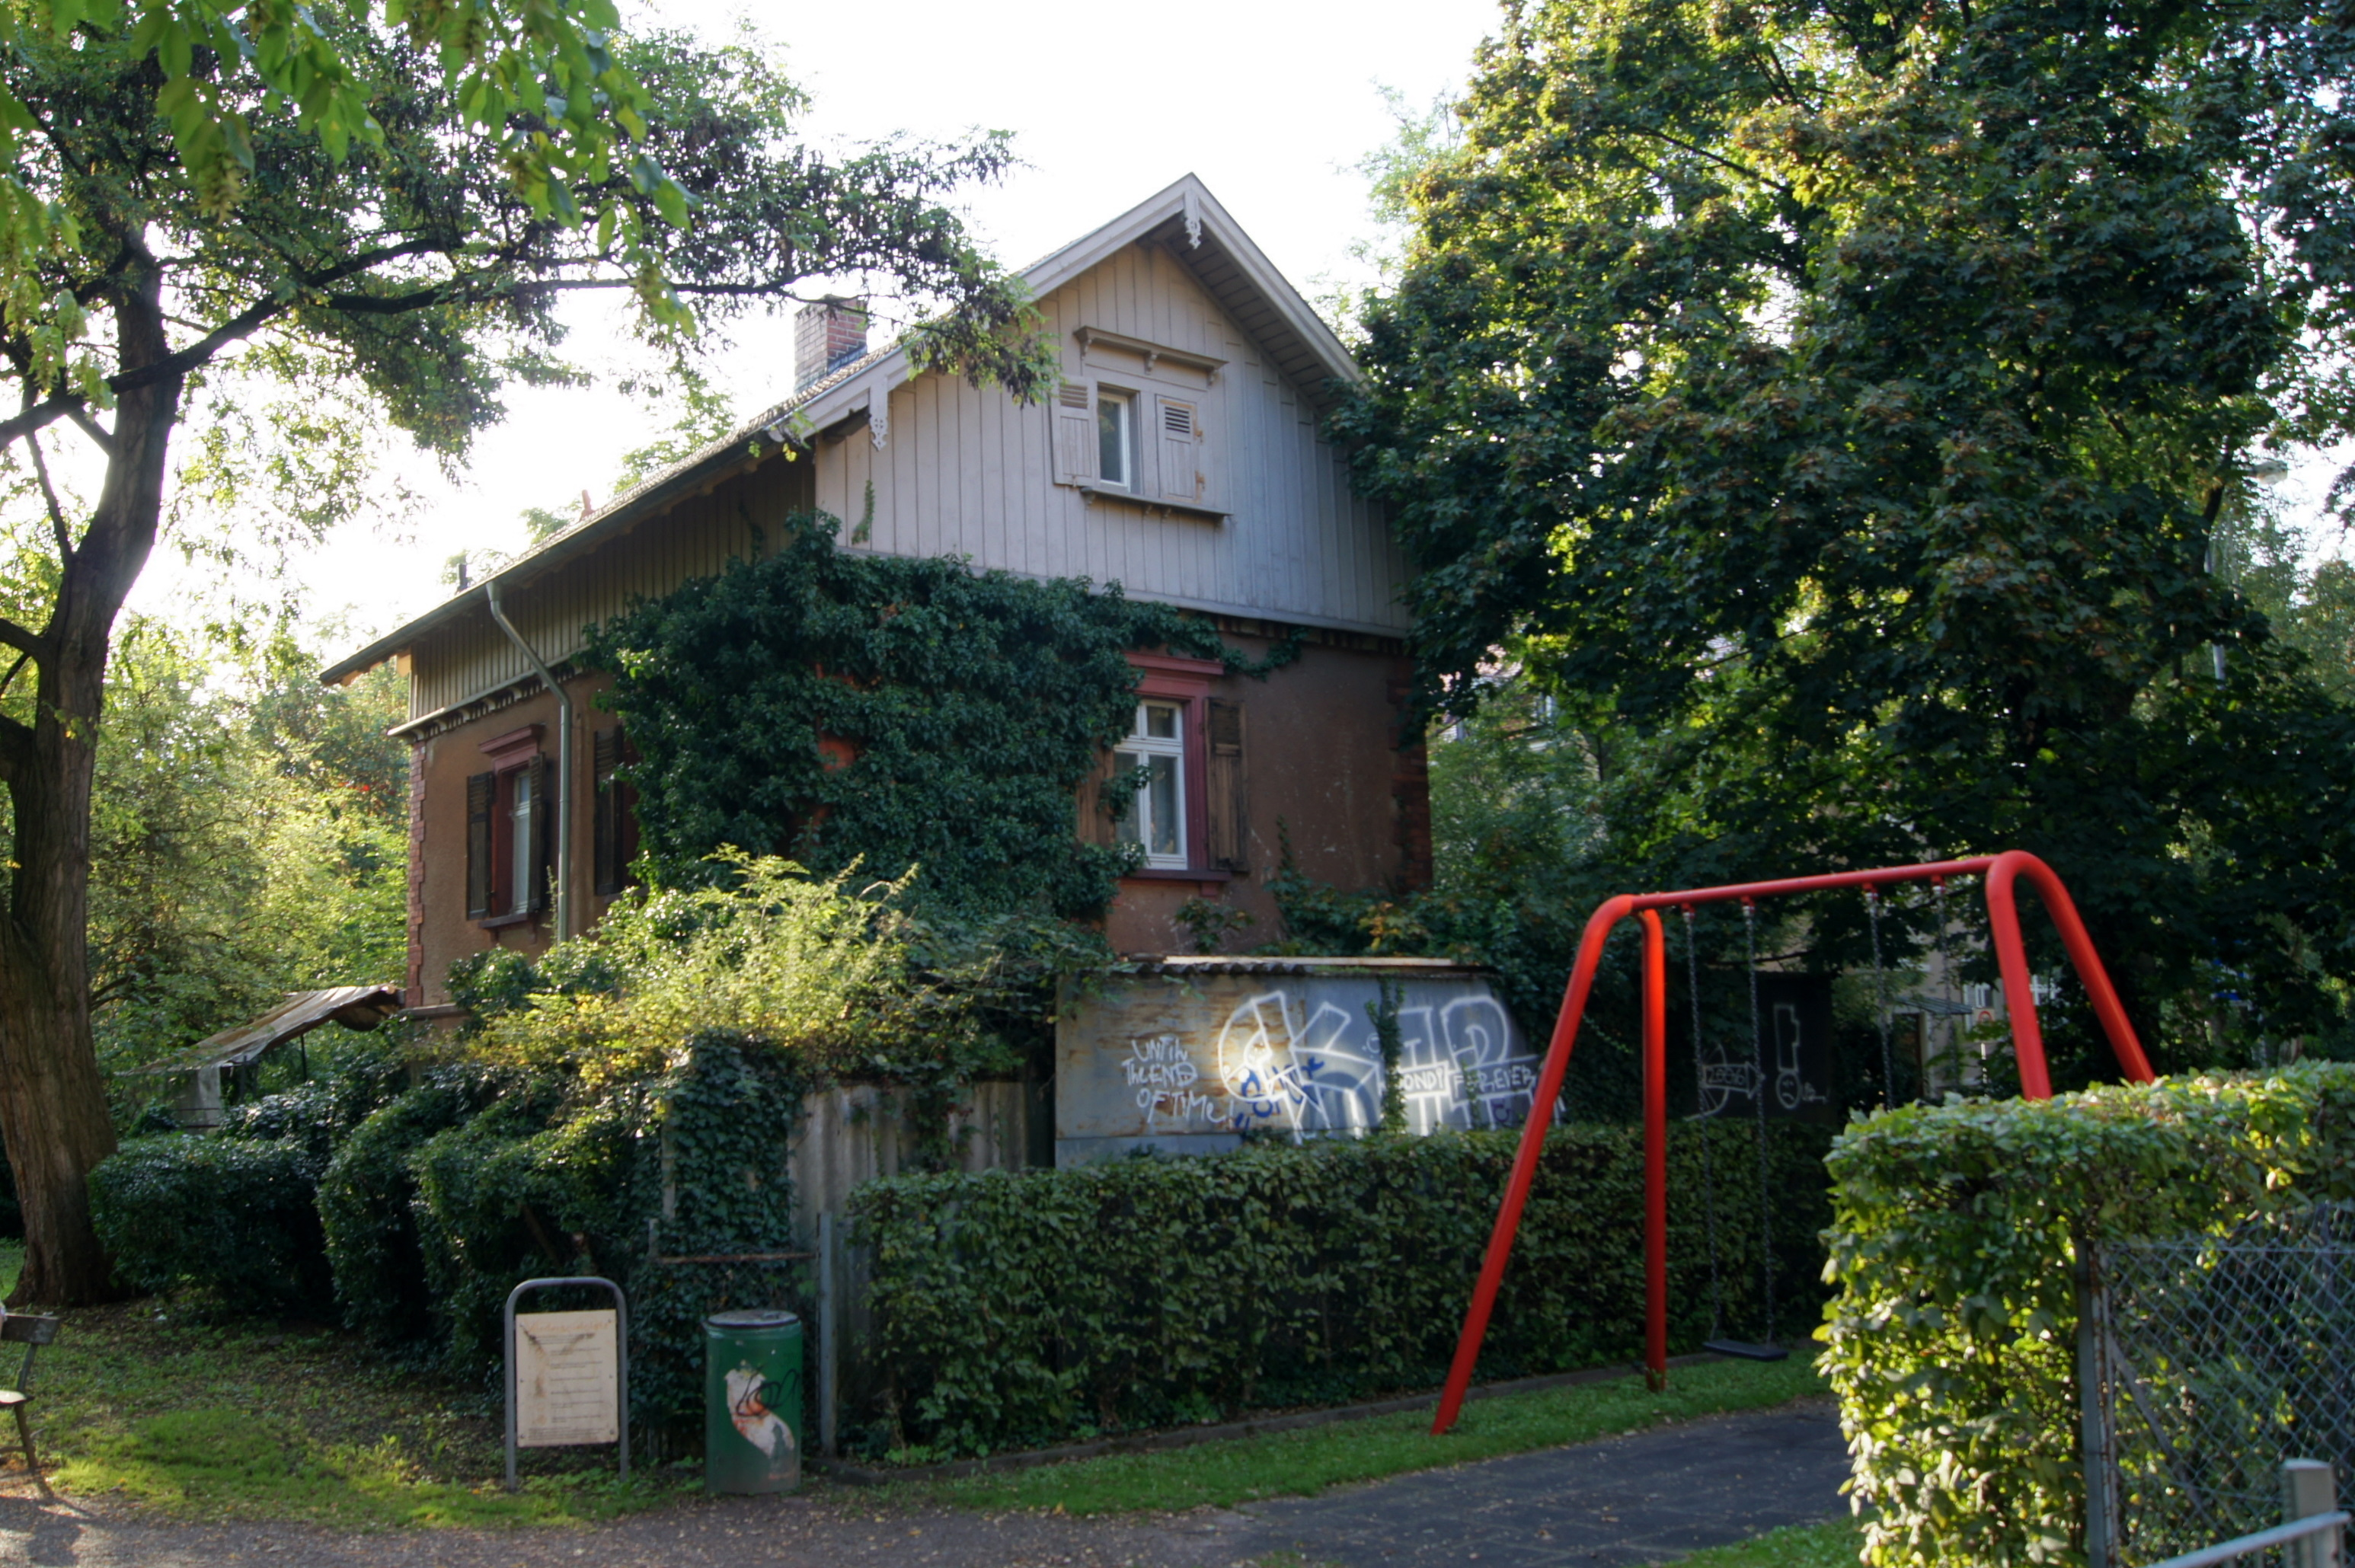 Ehemaliges Bahnwärterhaus an der Ecke Lorettostraße Goethestraße